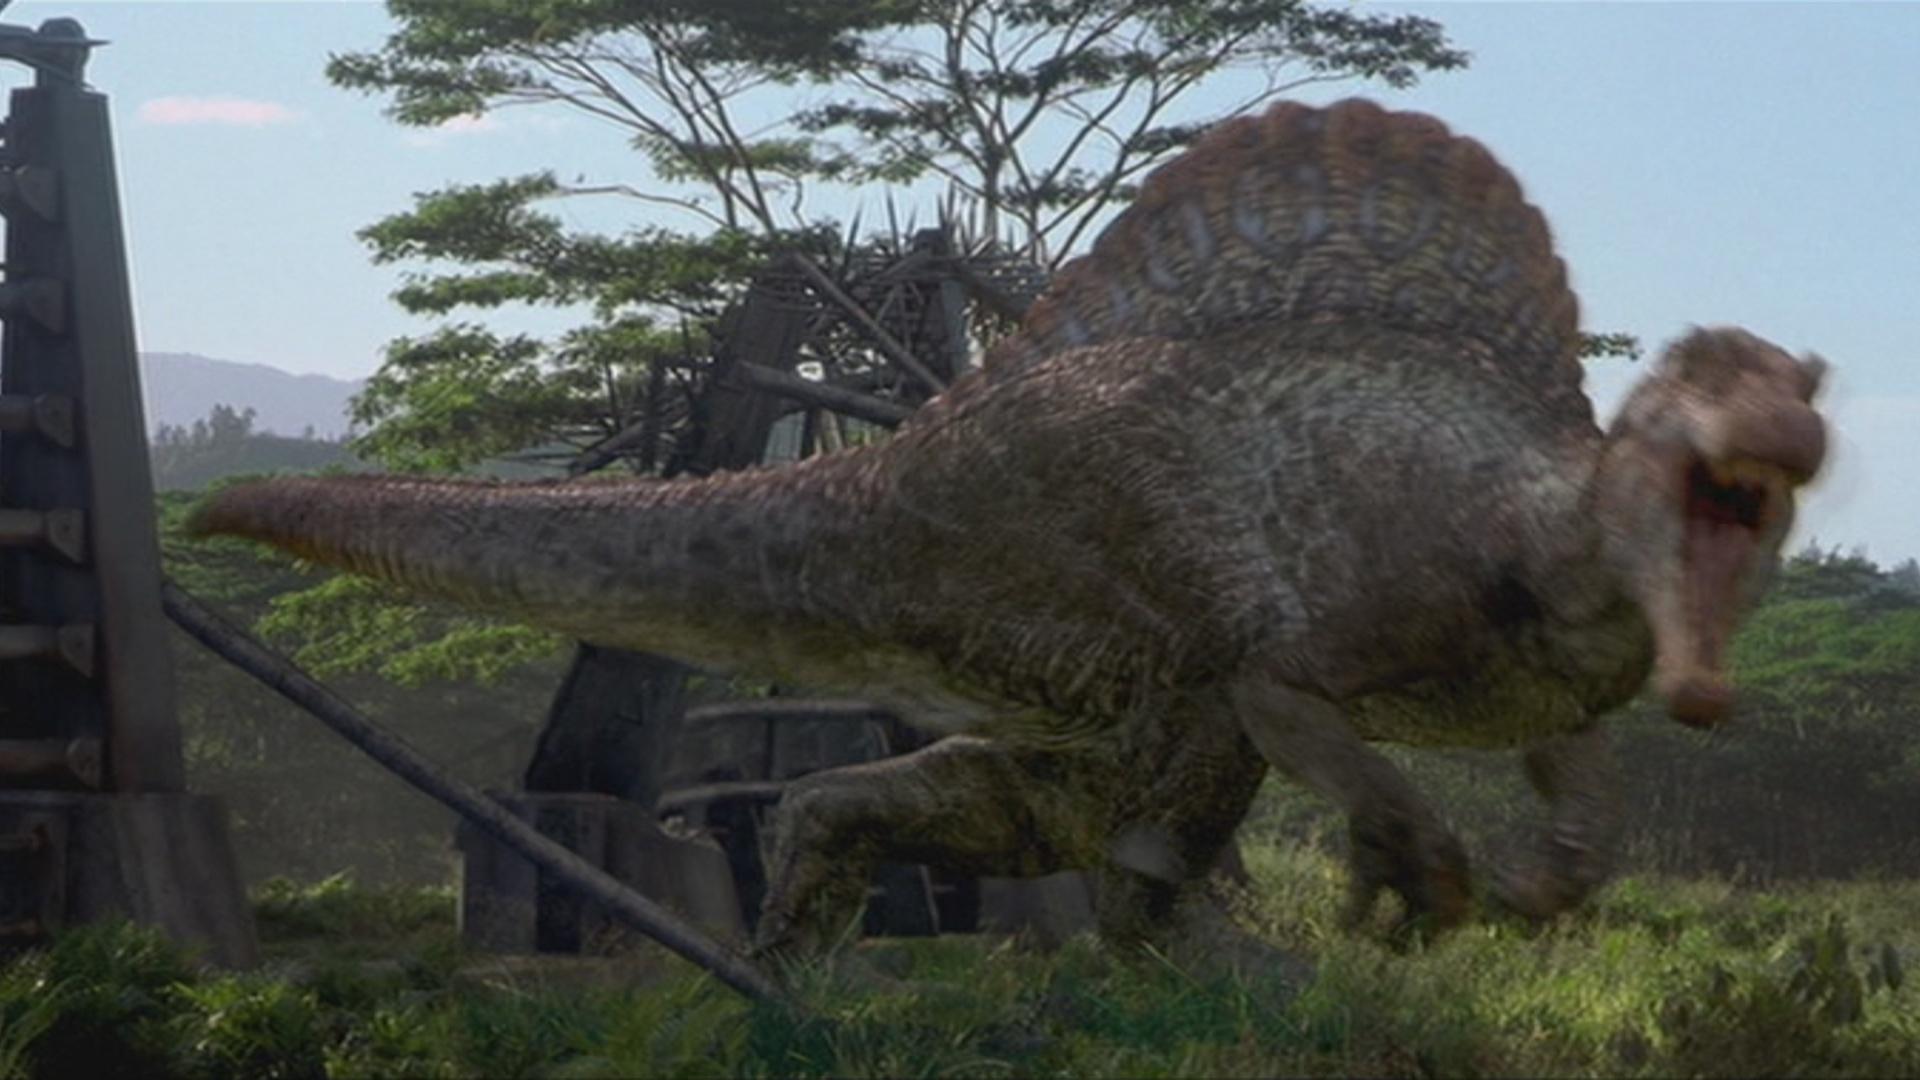 Jurassic Park T-Rex vs JURASSIC PARK 3 Spinosaurus | Jurassic Park.